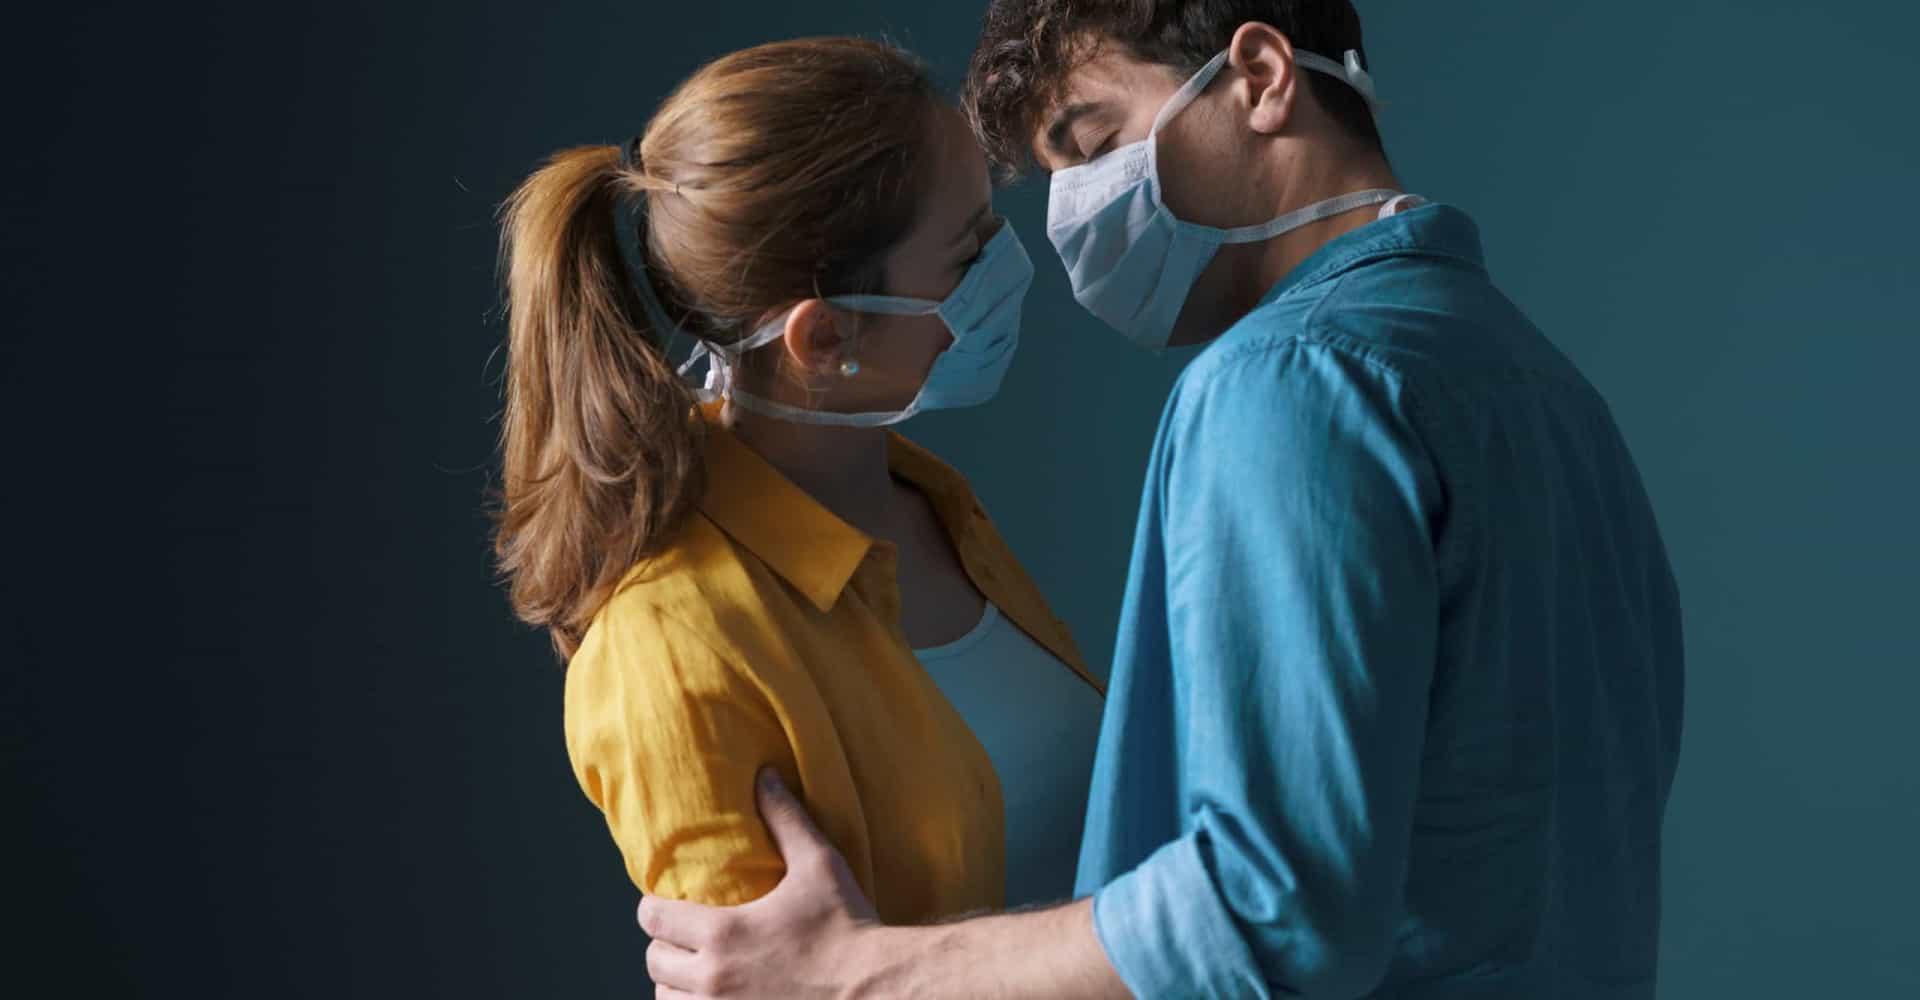 GERY KARANTZAS / Pandemide Bazı İlişkiler Baskı Altında. Sizinki Ne Durumda?